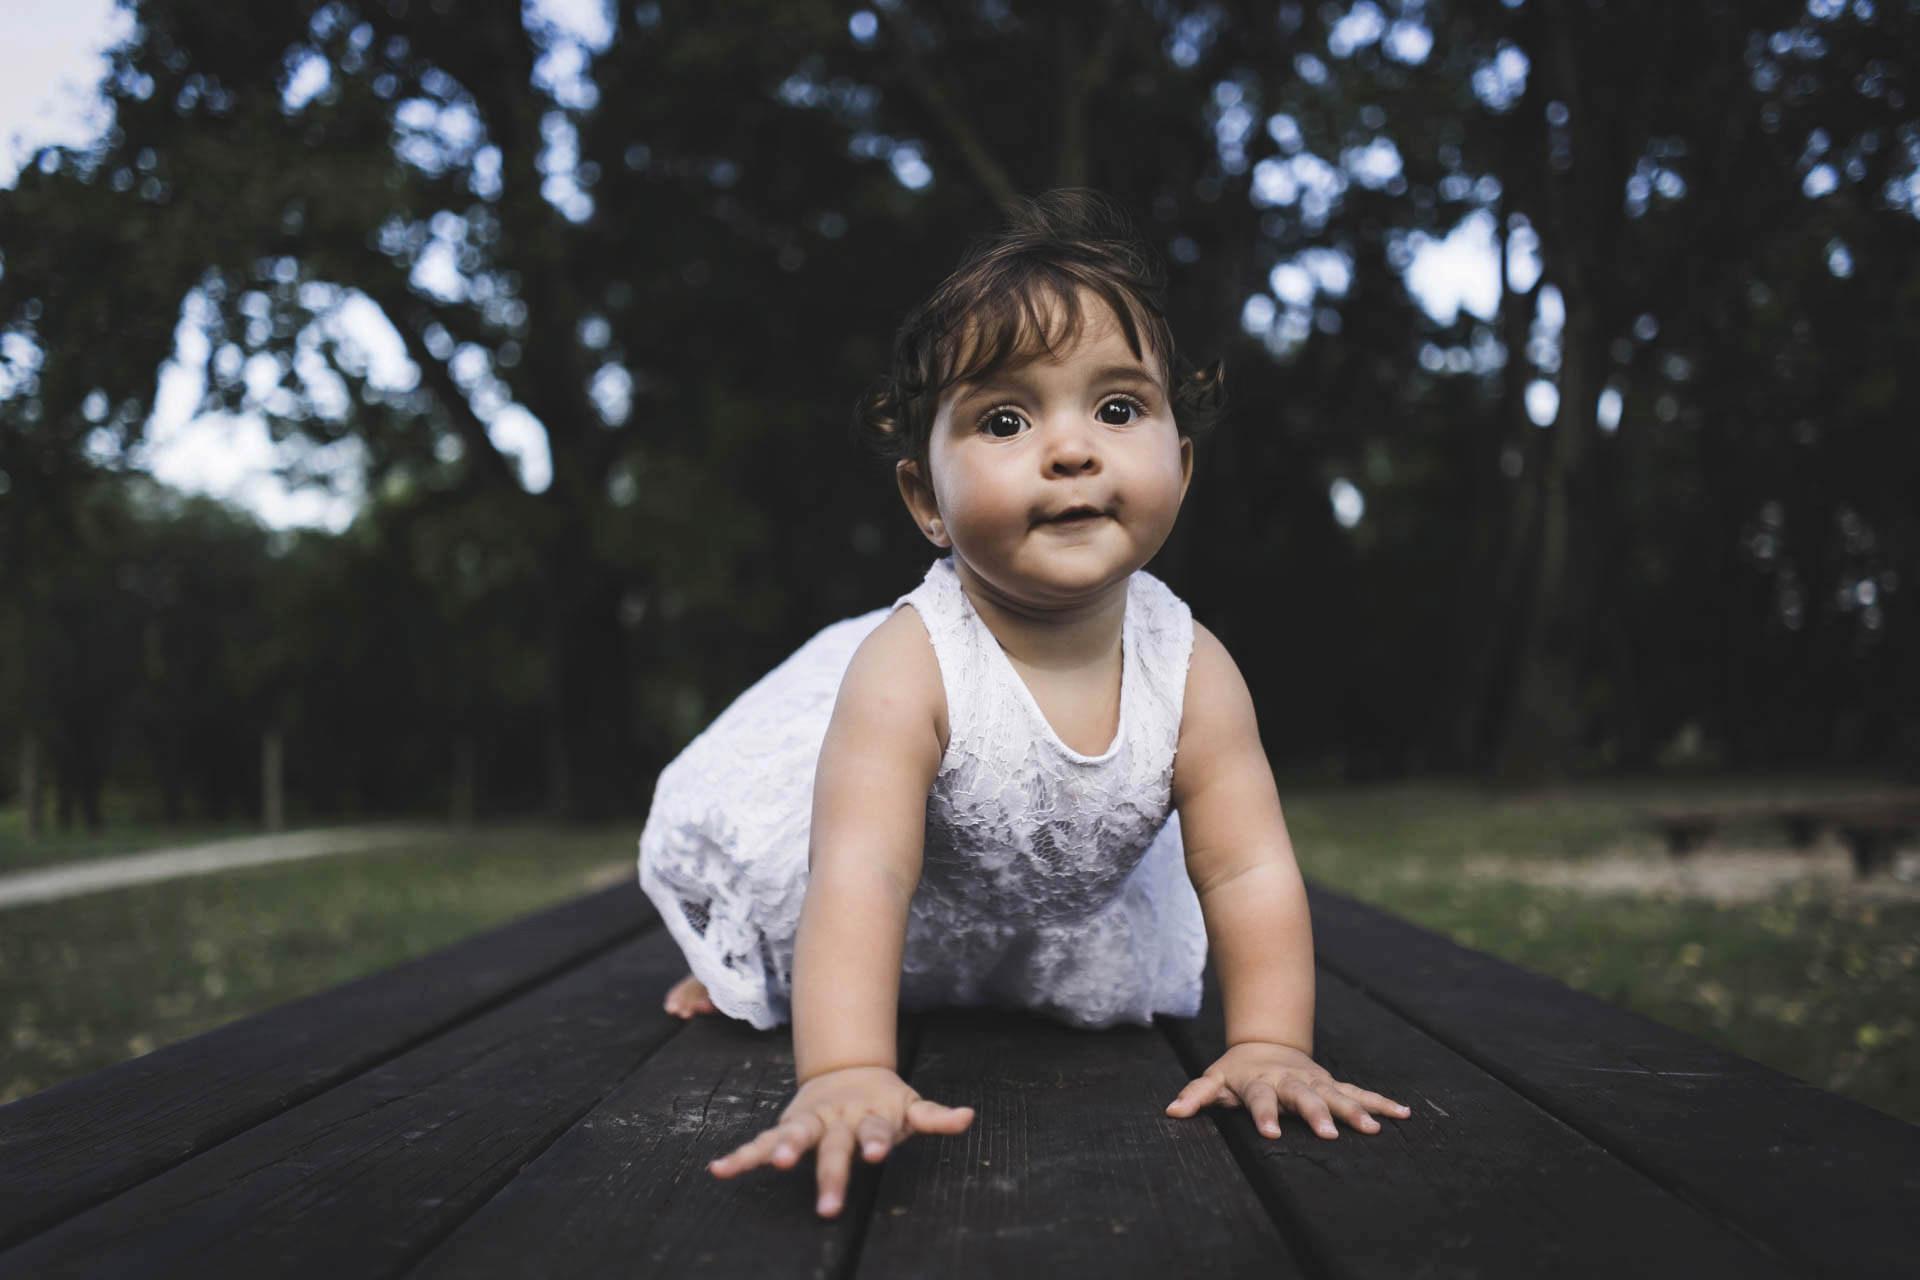 Servizio Fotografico Bambini e Famiglia a Venezia, Veneto. Ecco la piccola Greta. Michelino Studio, fotografo professionista per neonati, bambini e famiglia in Veneto. 013